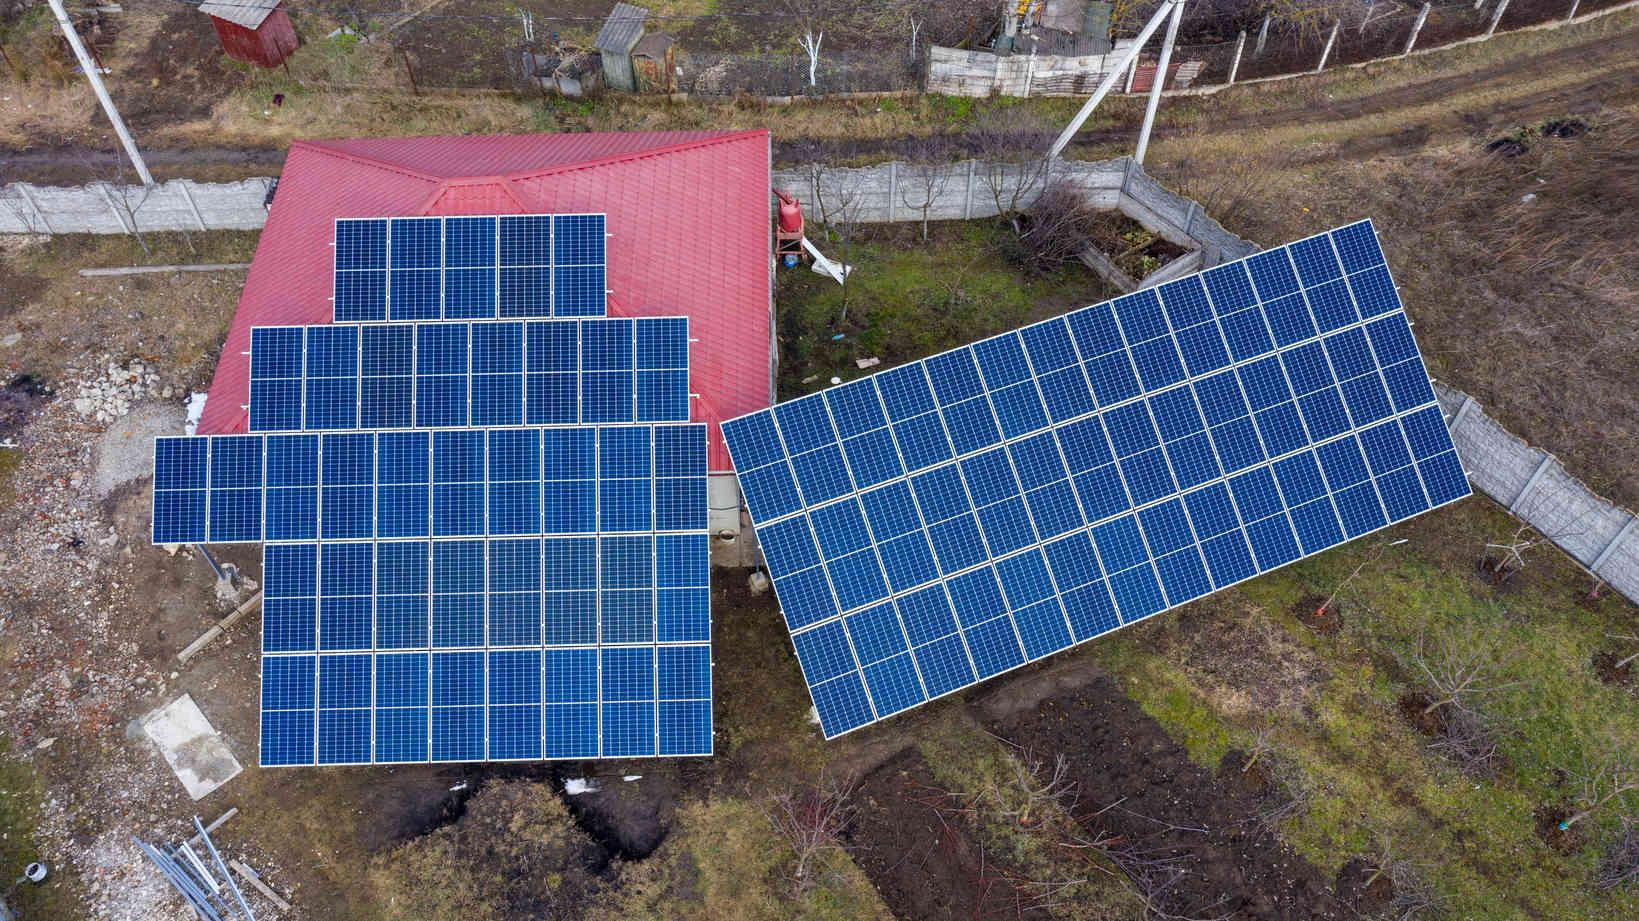 Мережева сонячна електростанція (СЕС) потужністю 34,425 кВт – Фотозвіт #2